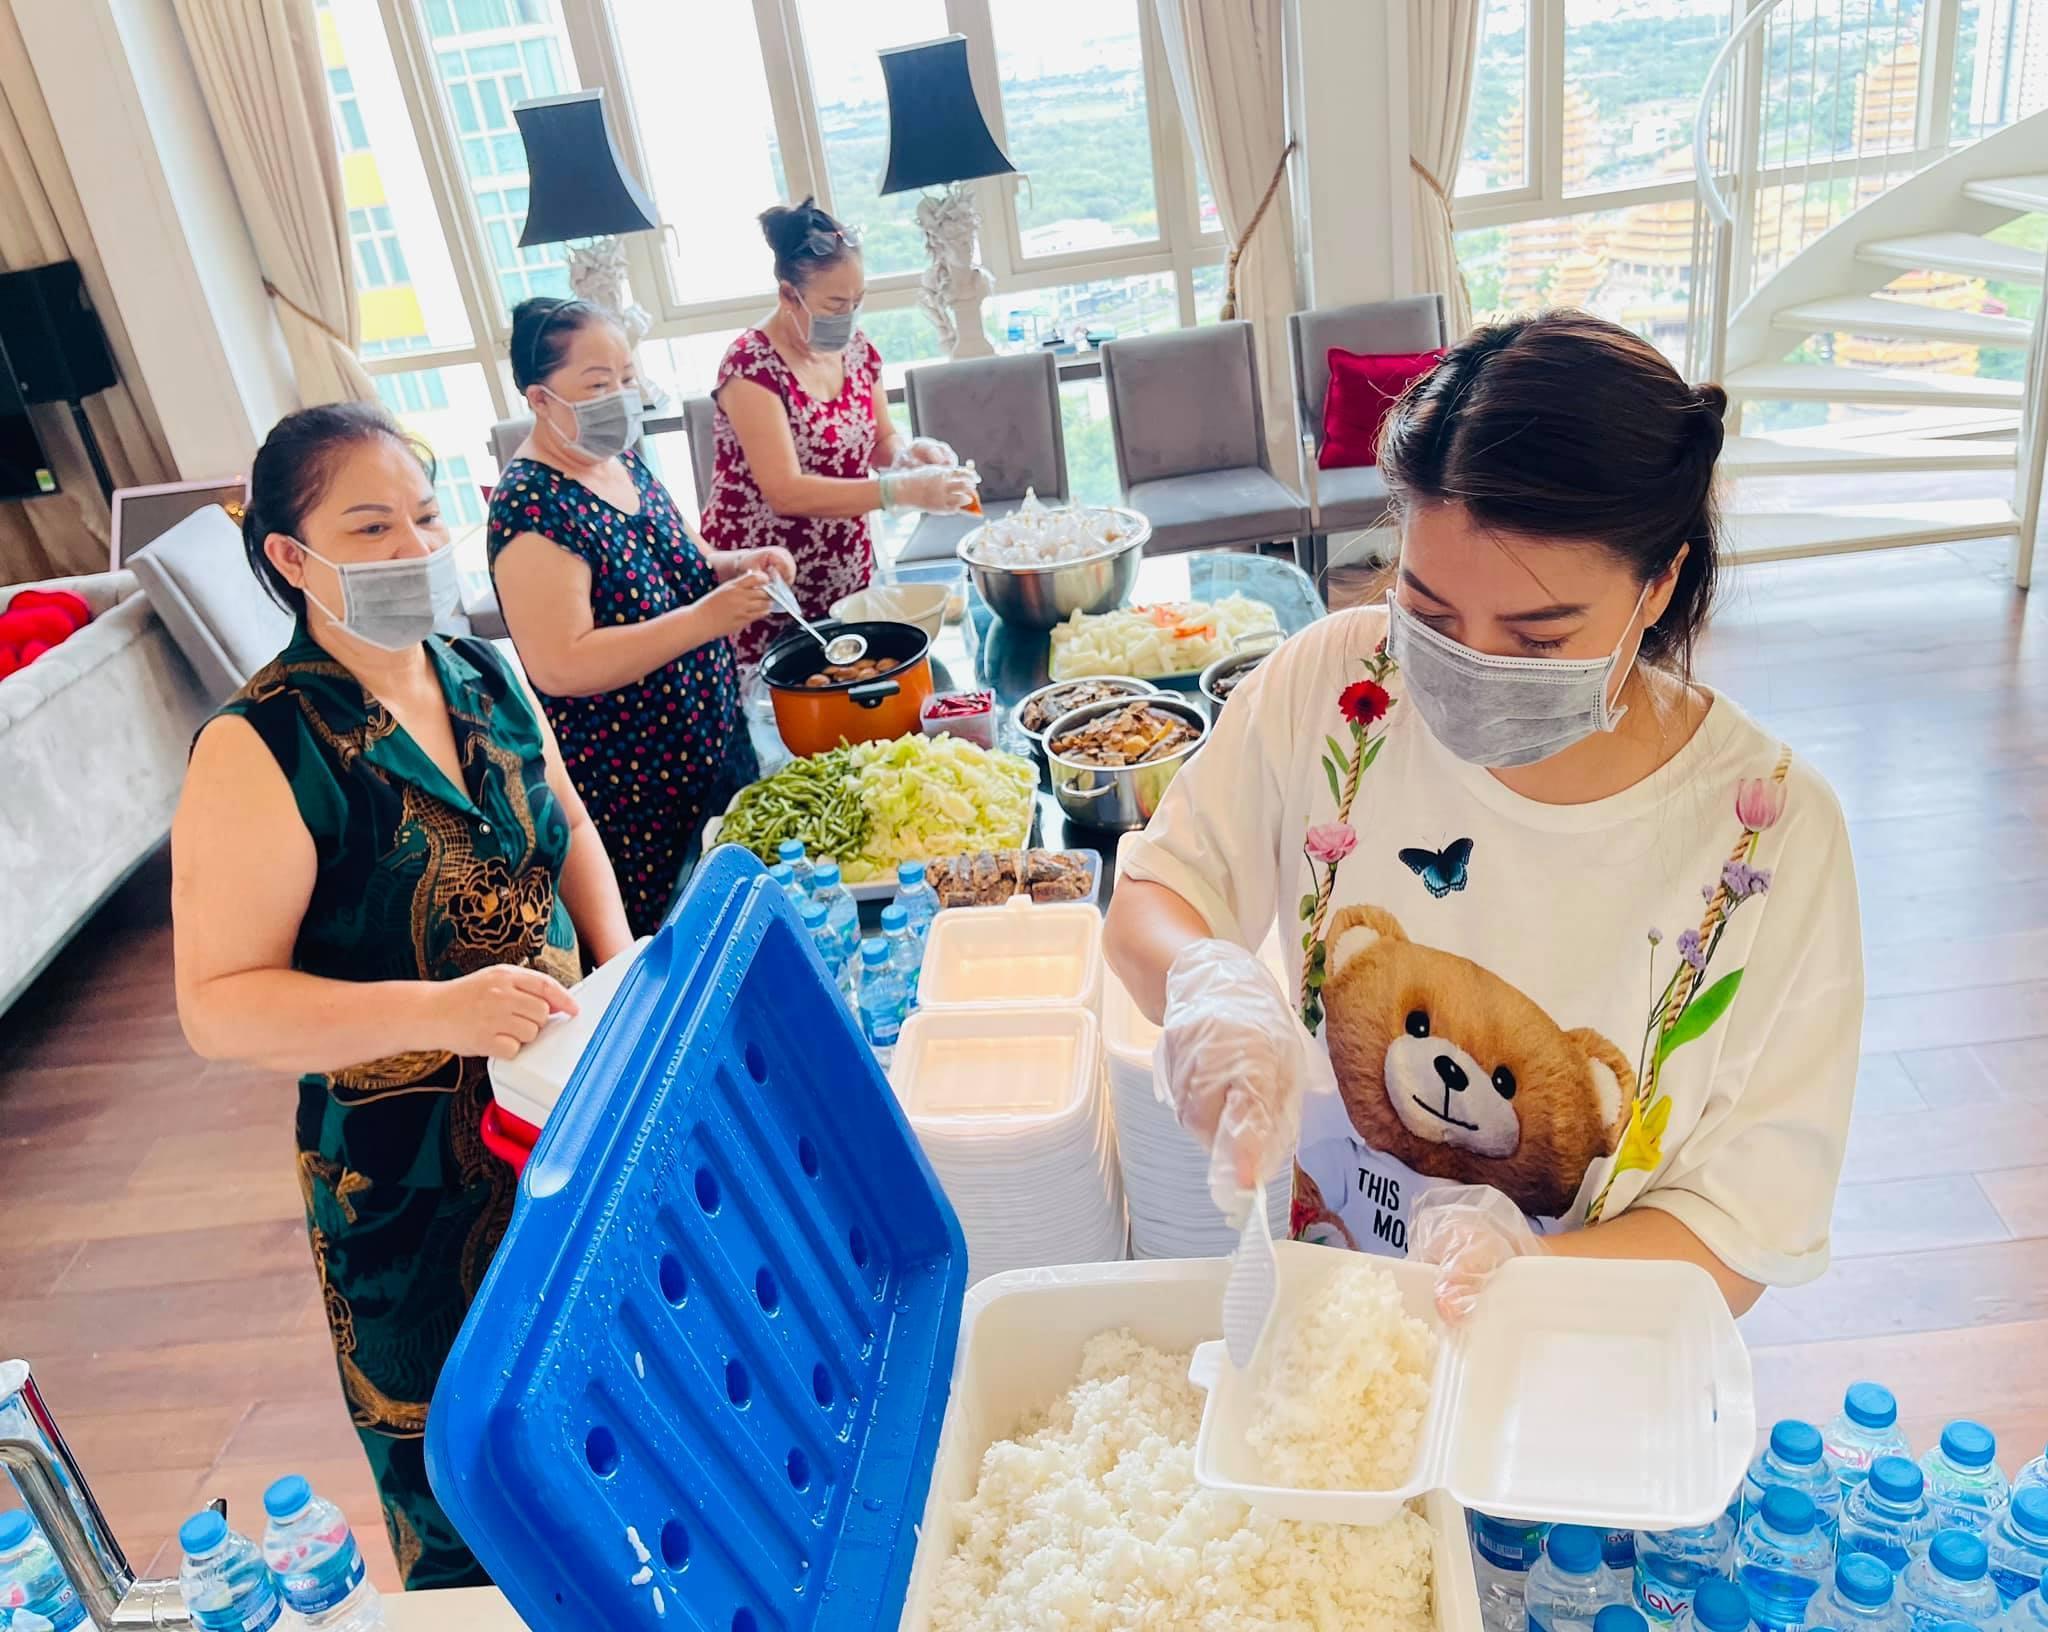 Trương Ngọc Ánh tặng 1 tấn gạo cho dân nghèo, muốn bán hết đồ đẹp làm việc thiện-5